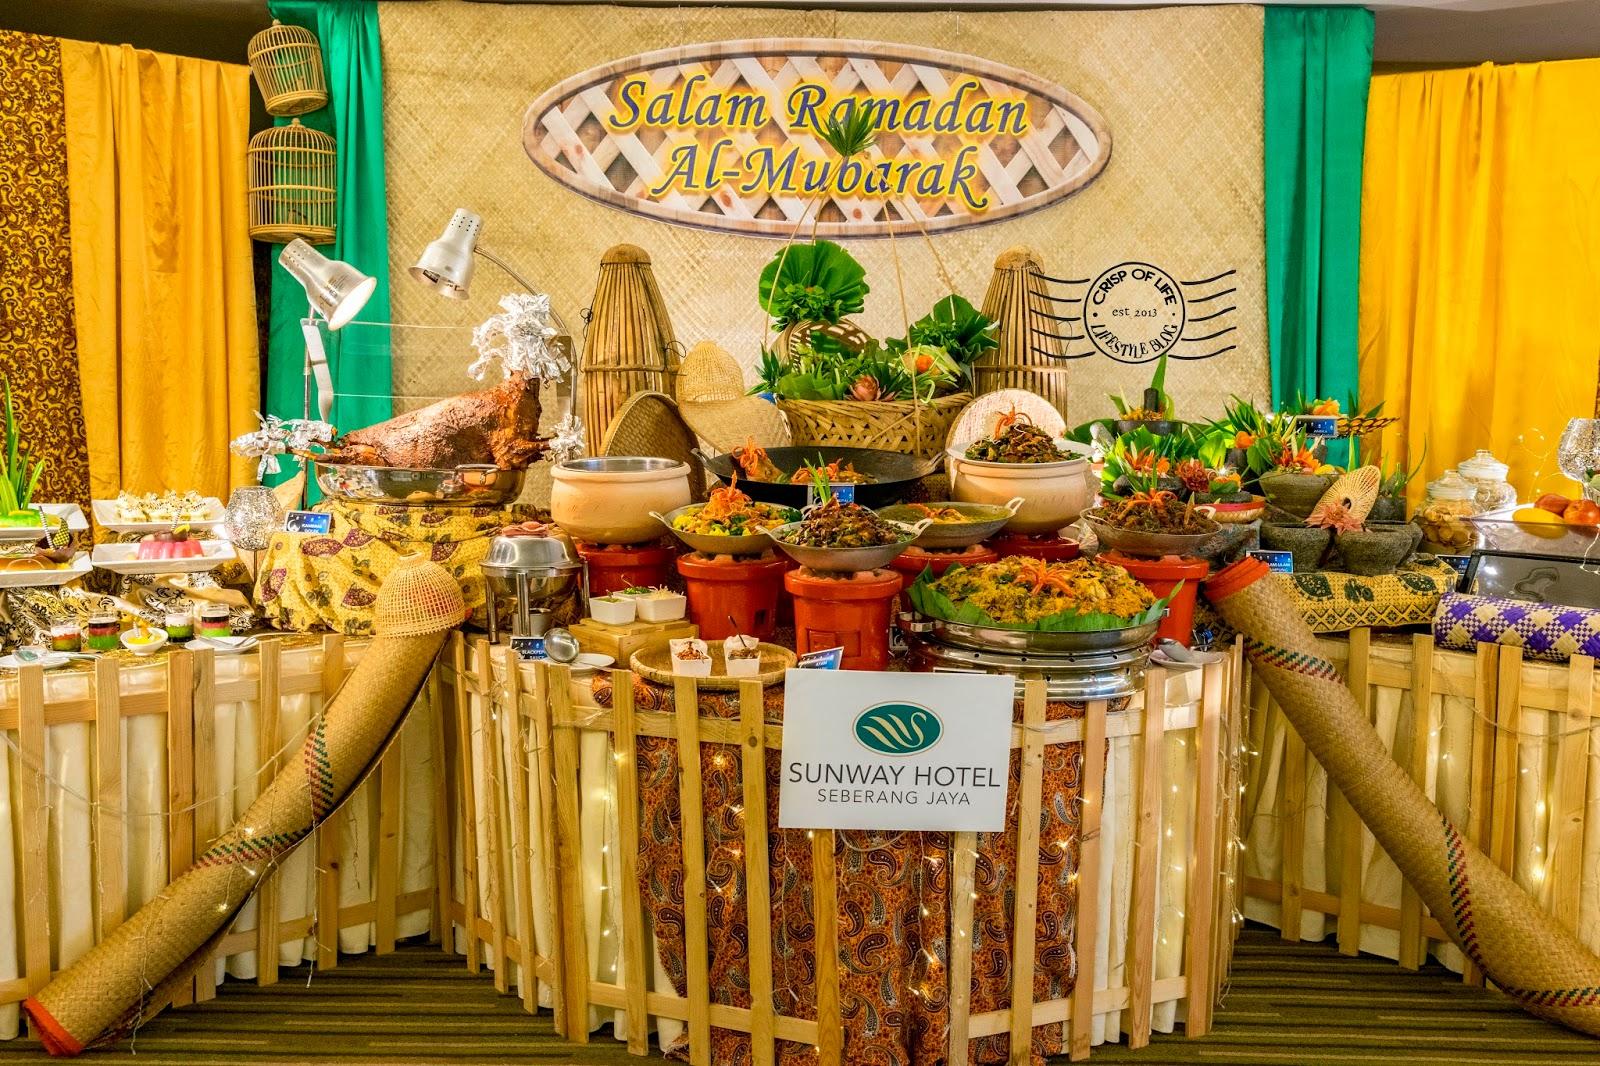 Sunway Hotel Ramadan Buffet 2018-Dari Dapur Sunway Selera Utara